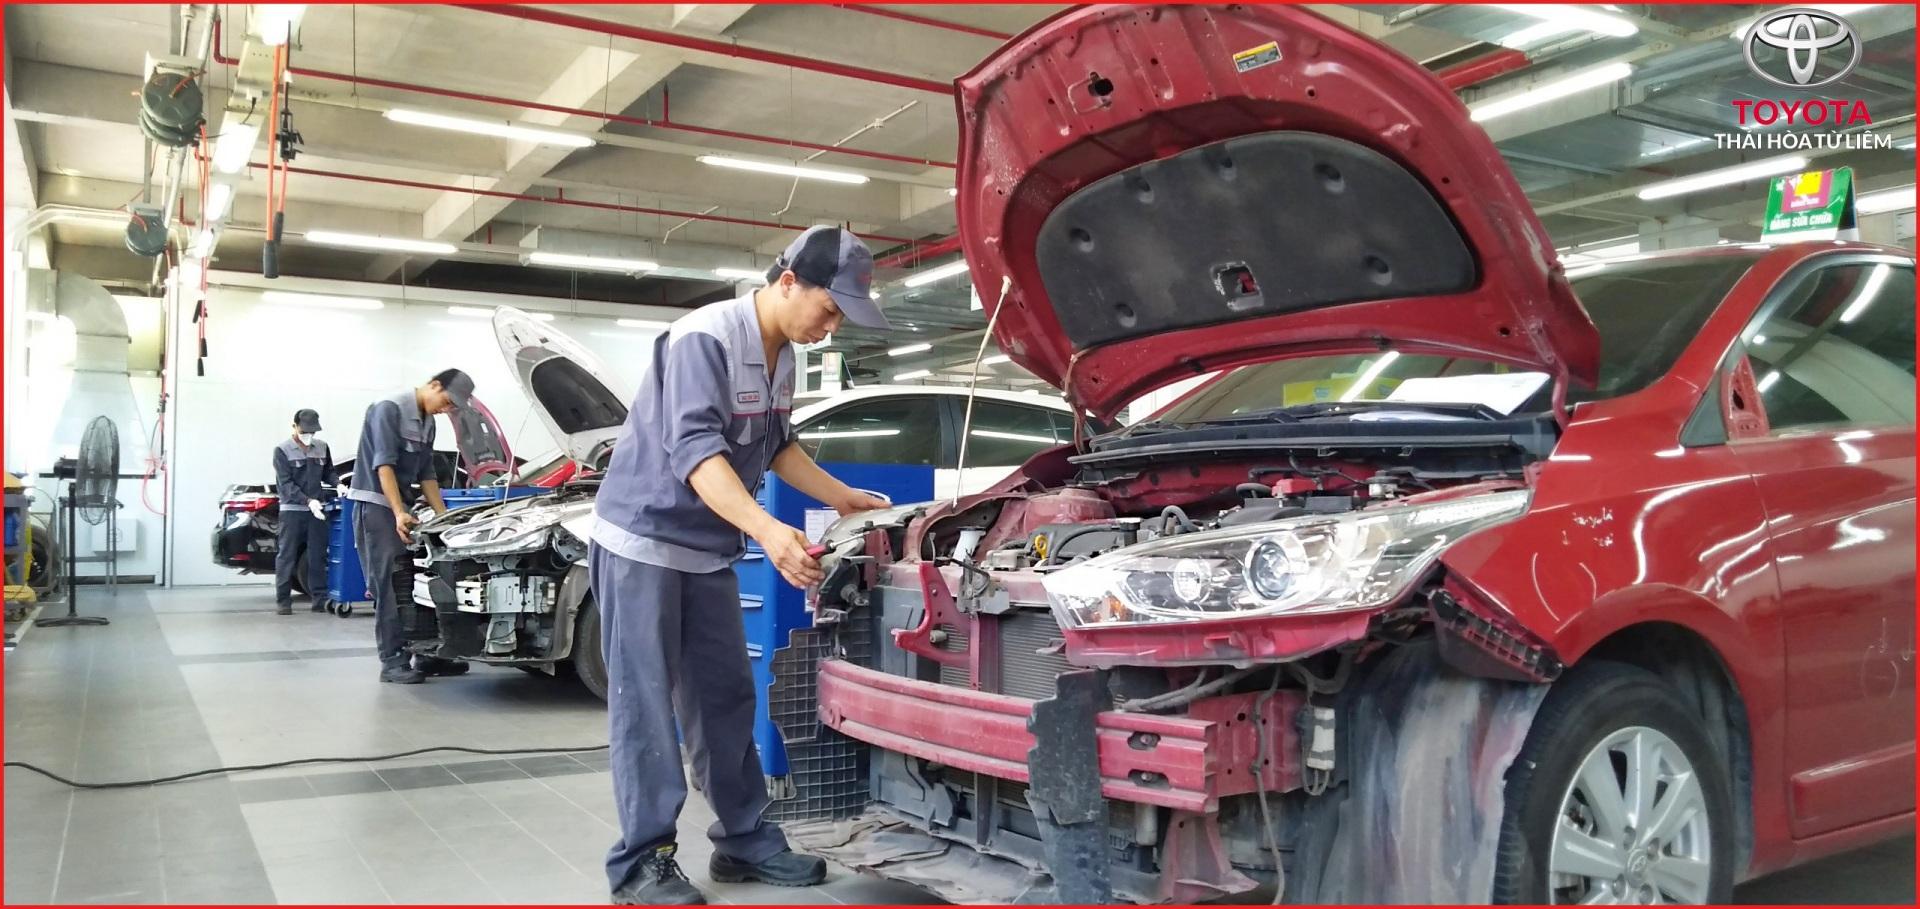 Toyota Thái Hòa Từ Liêm